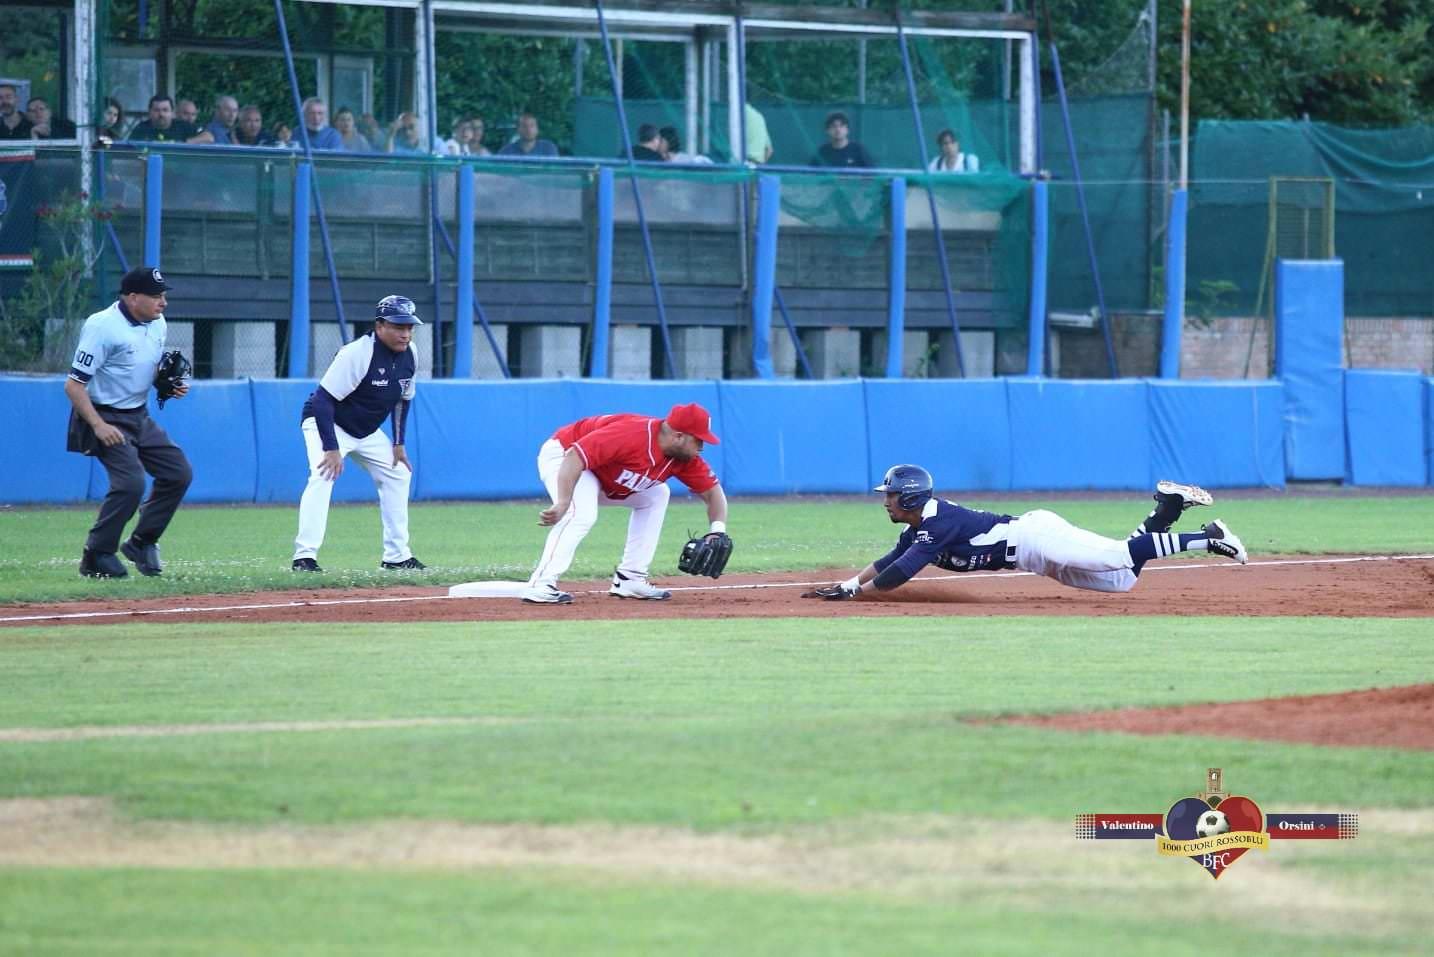 Baseball – La Fortitudo soffre più del previsto, ma alla fine vince e difende il primato in classifica! – 17 Giu